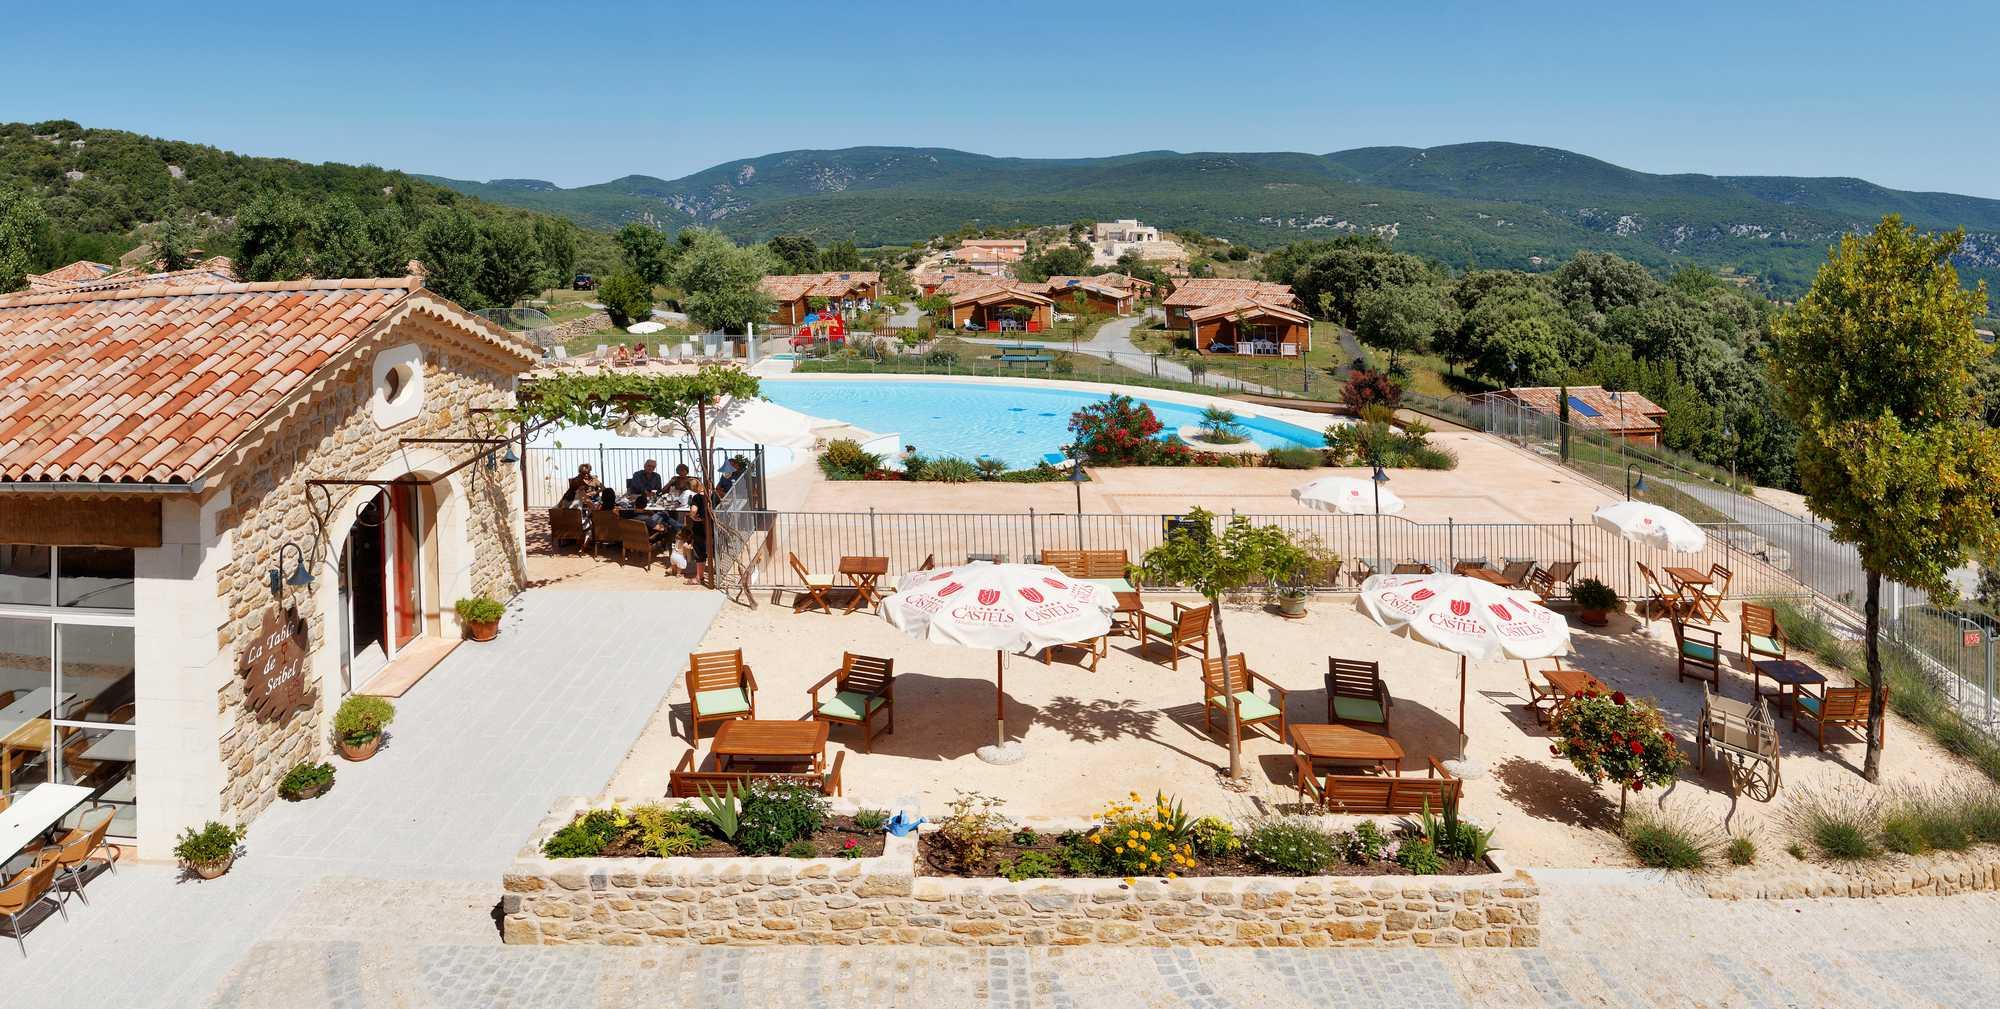 domaine sevenier camping 5 etoiles ardeche piscine galerie photo 2 - DOMAINE DE SEVENIER 2012